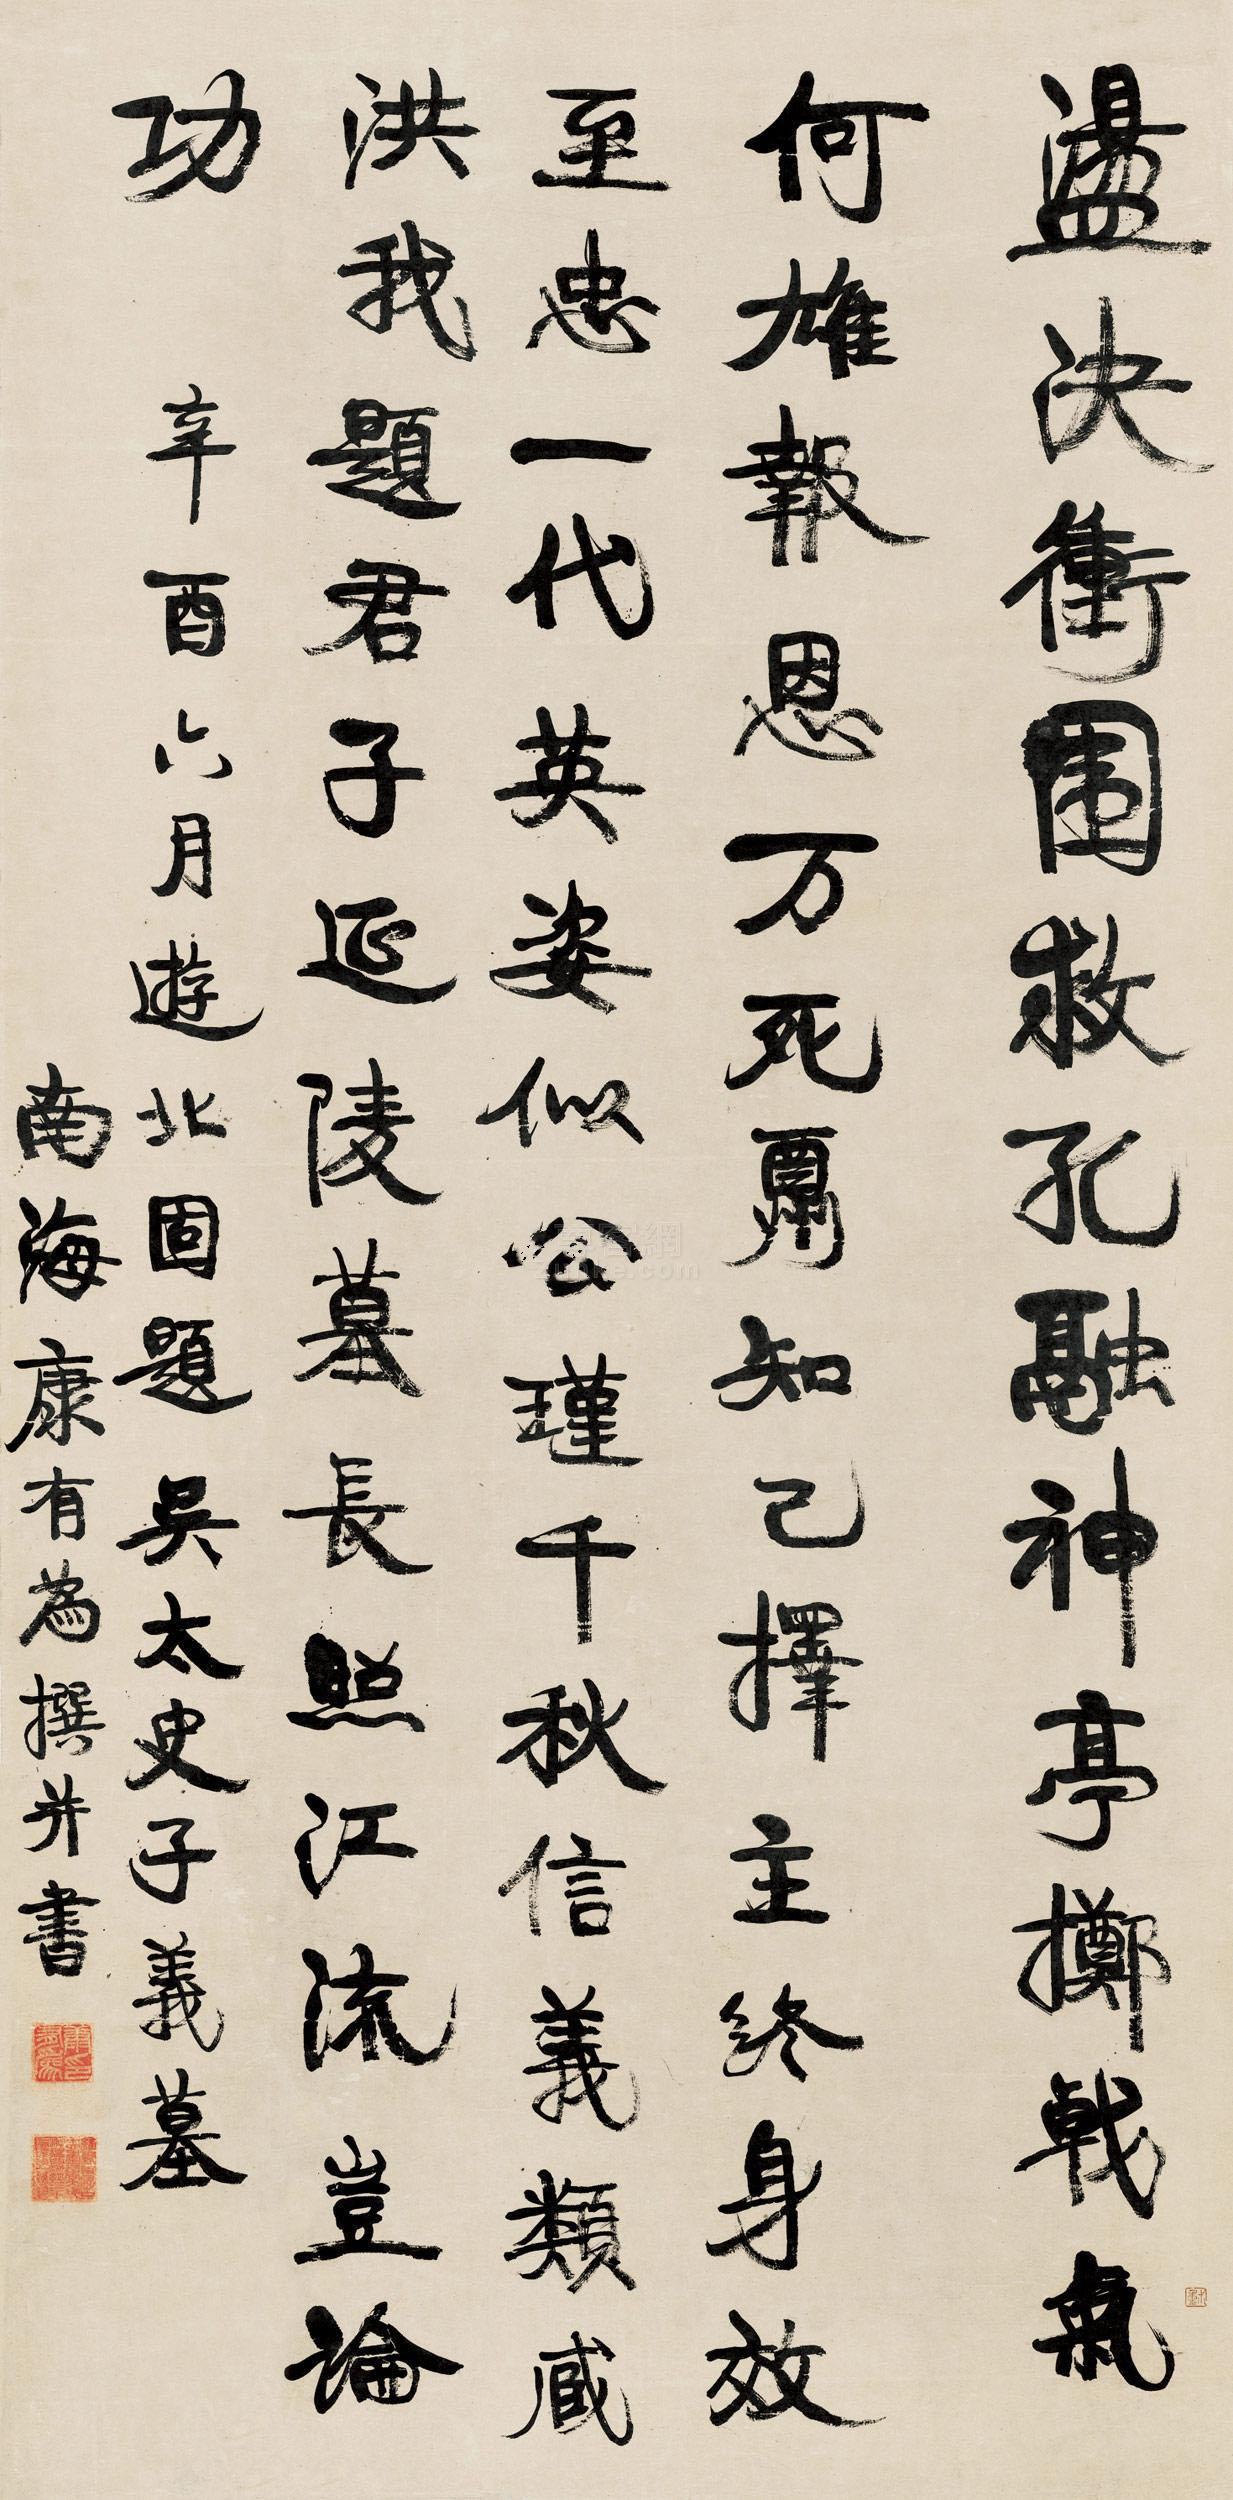 葫芦丝又见炊烟歌谱-学问广博,著书立说,富有创见.十一岁时,暇辄弄笔,初临乐毅论及